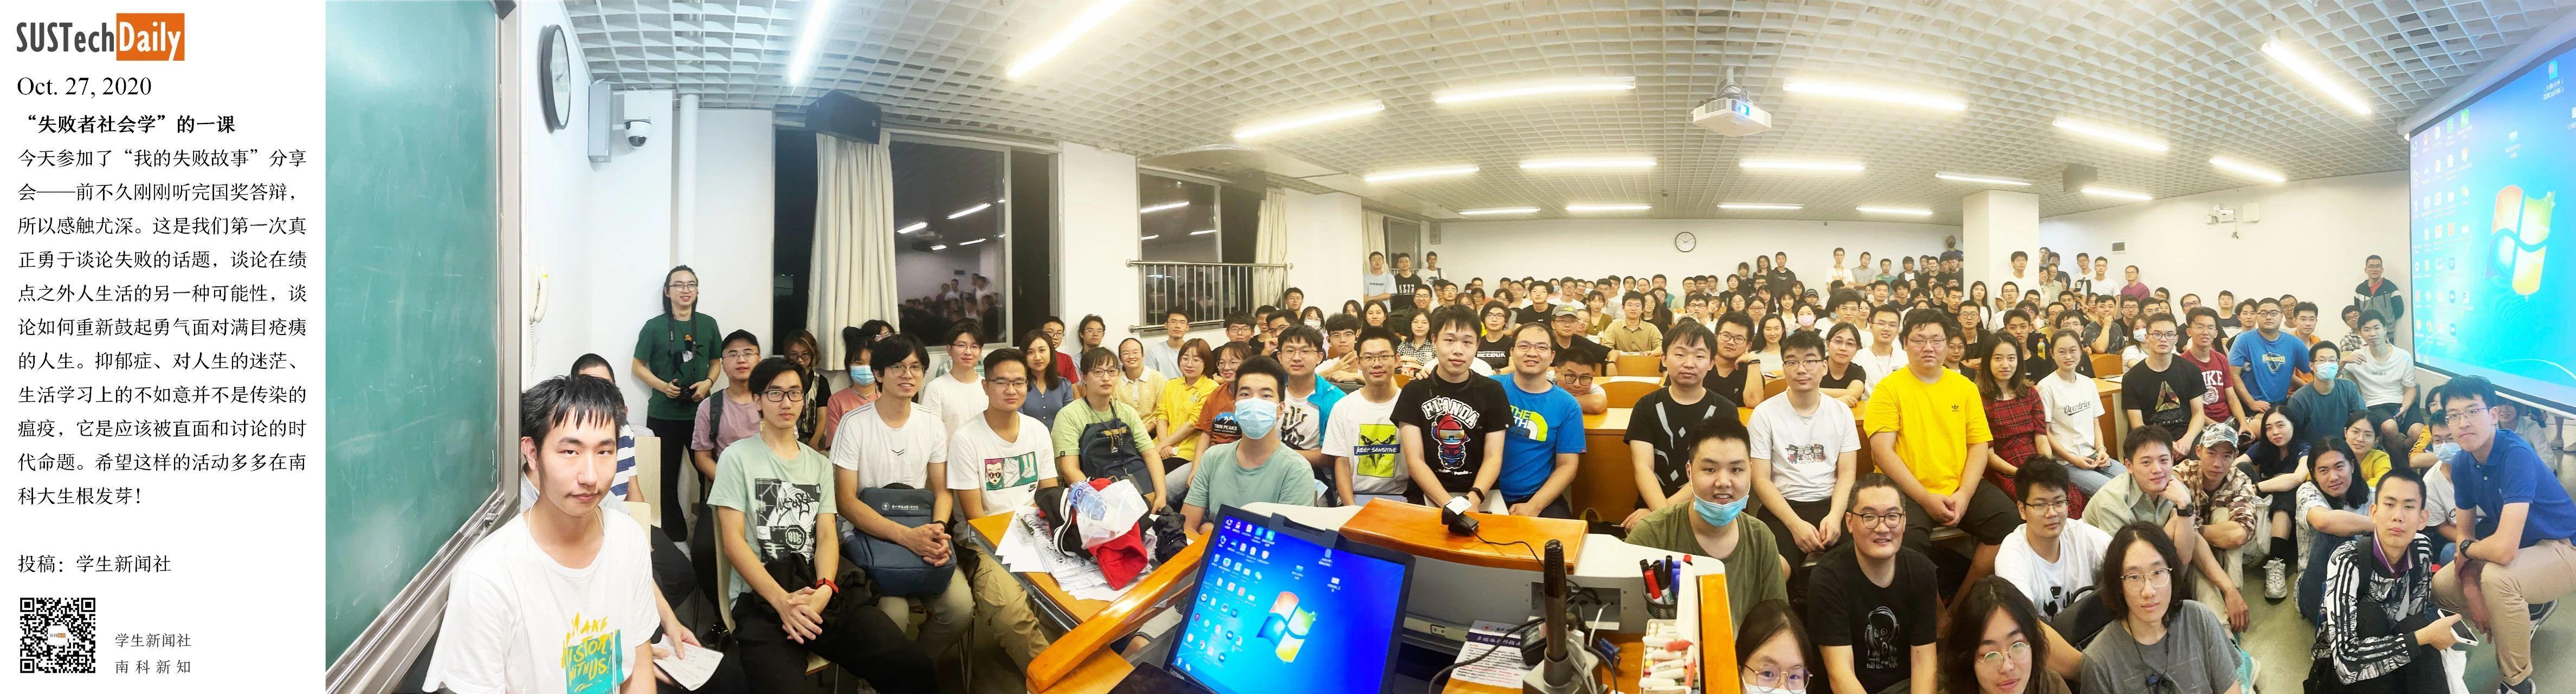 2020年10月,大学袁长庚教授举办的「失败者社会学」课程合影/南科新知